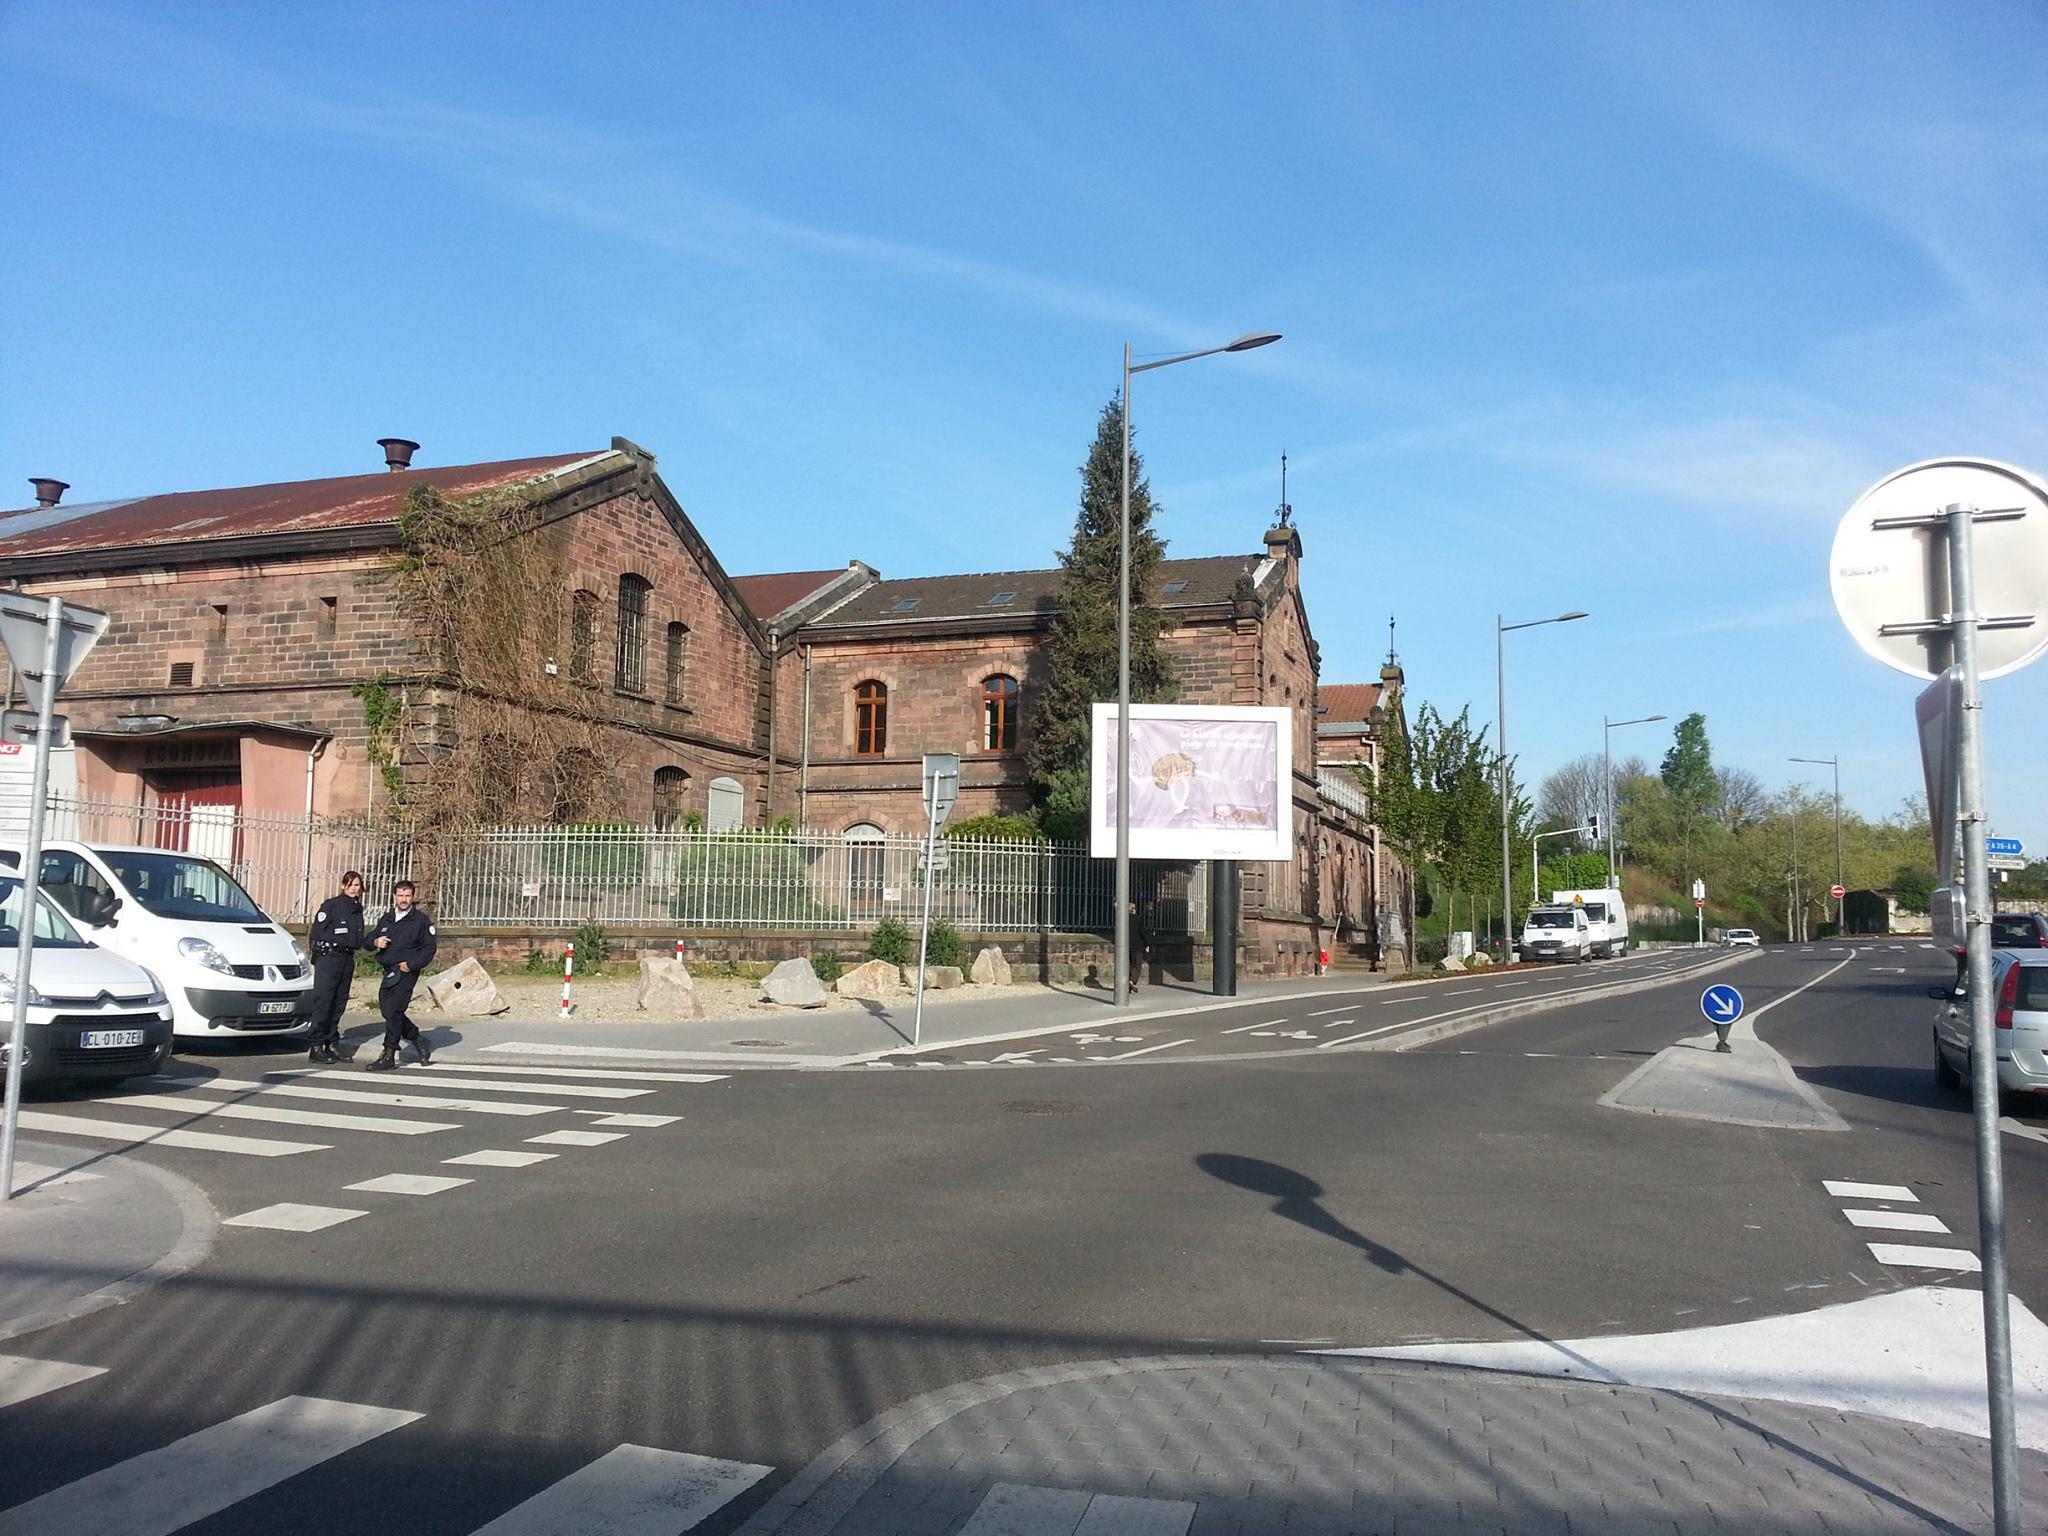 Fréquents contrôles policiers près du Restau du Cœur  à Strasbourg